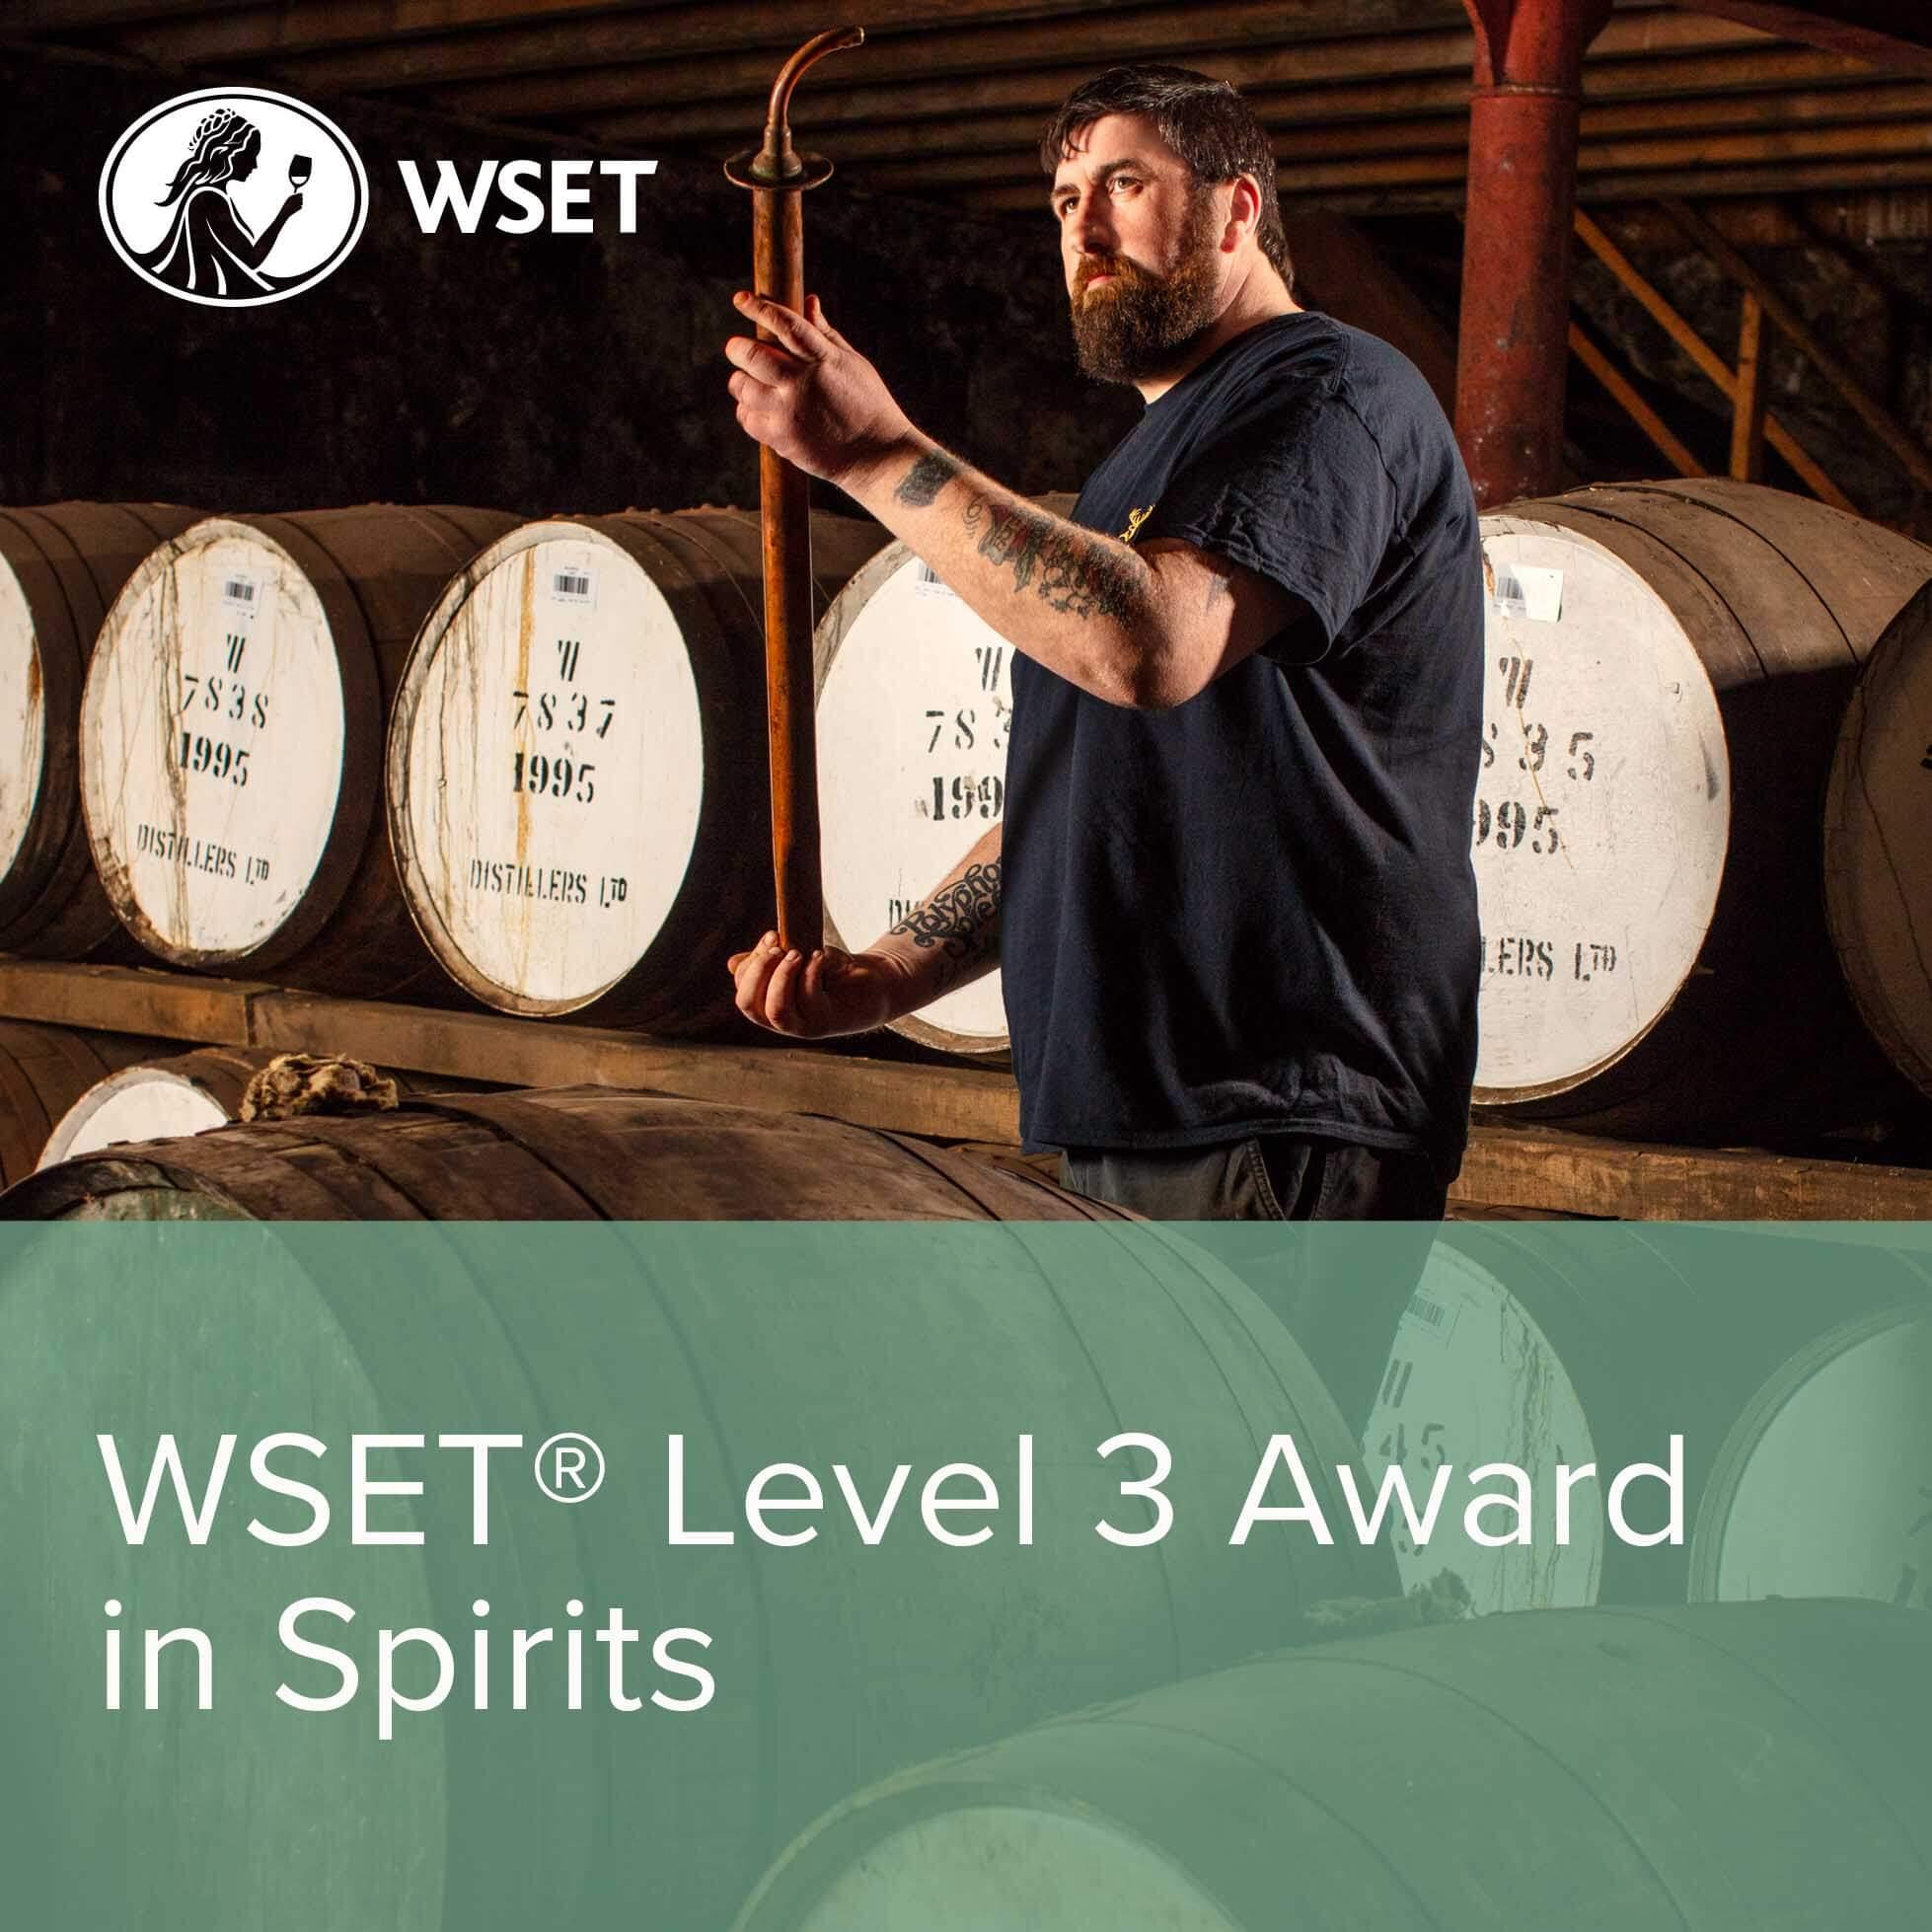 WSET Level 3 Spirits